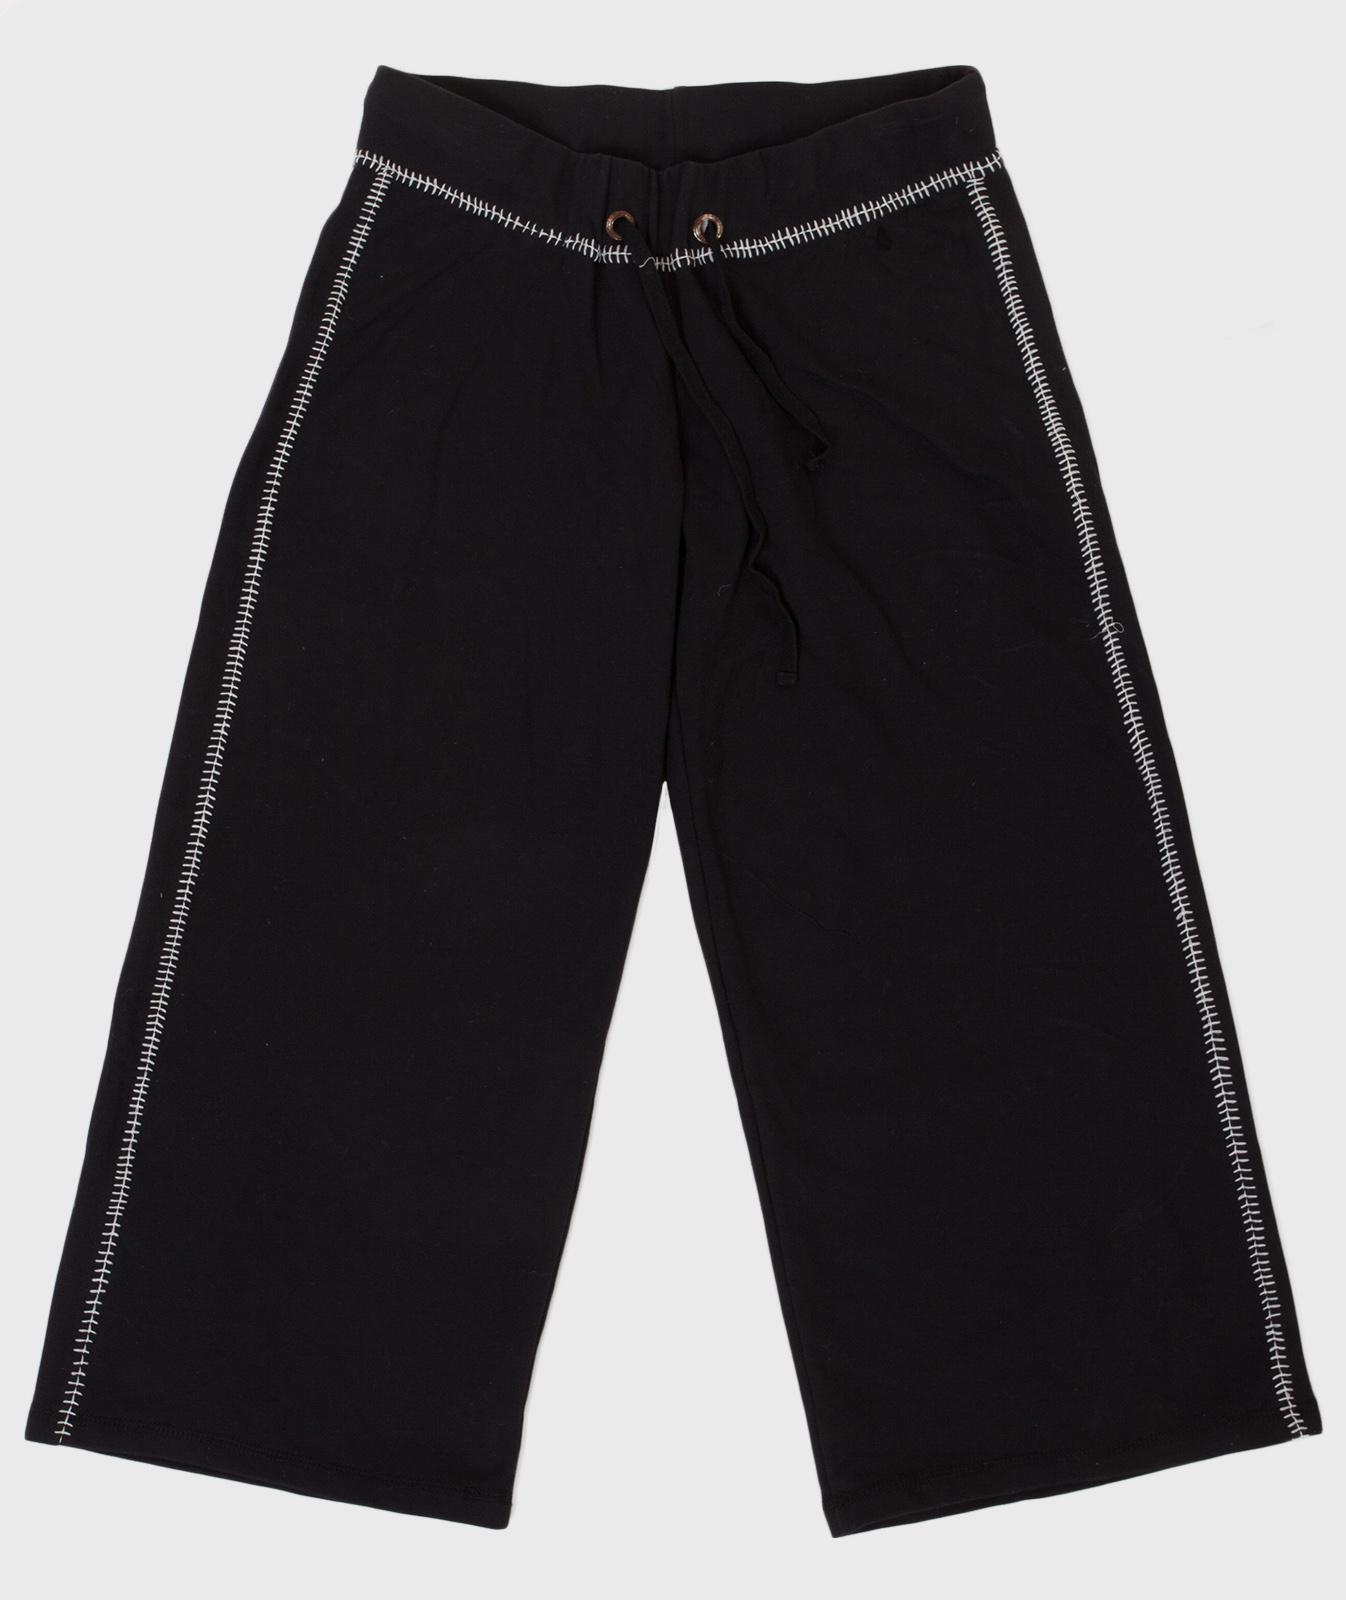 Широкие спортивные женские шорты.